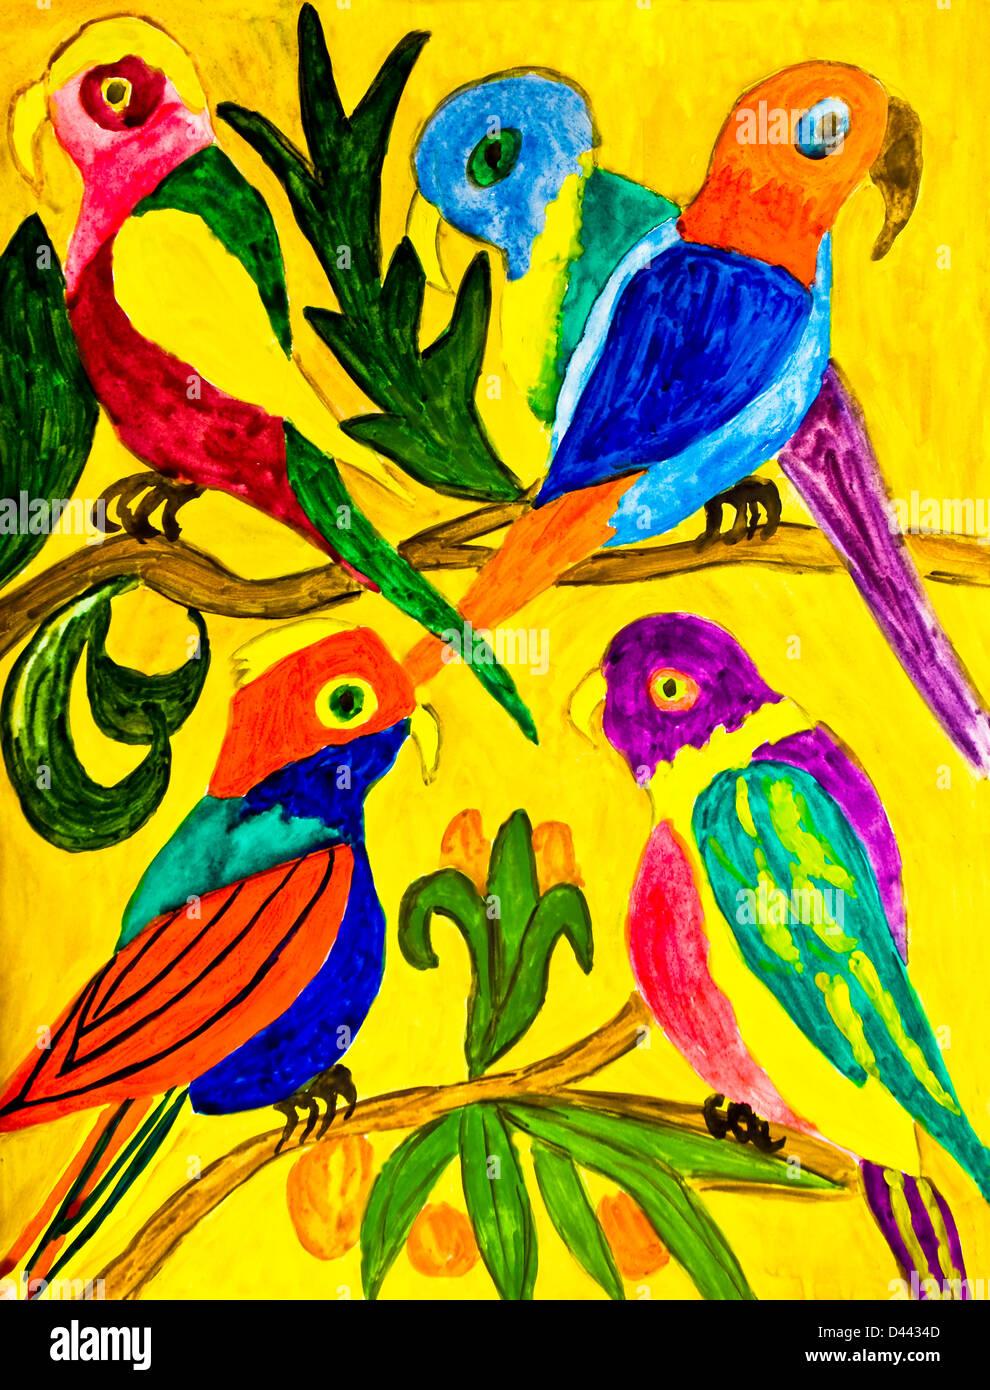 Parrots Art Stock Photos & Parrots Art Stock Images - Alamy